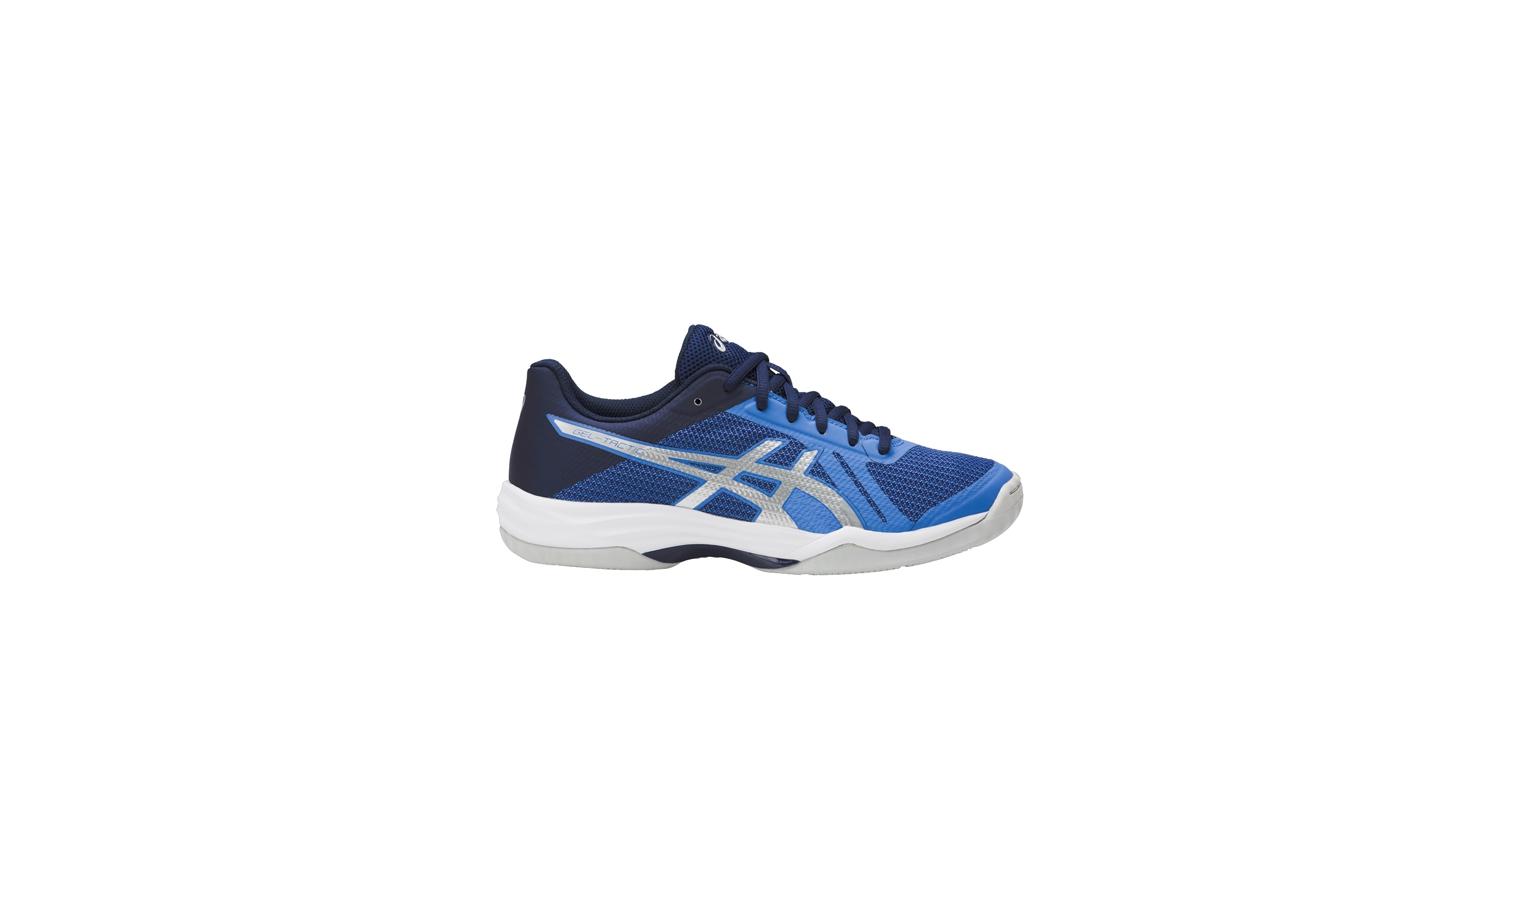 e71984cd103 Dámske volejbalové topánky Asics TACTIC W modré